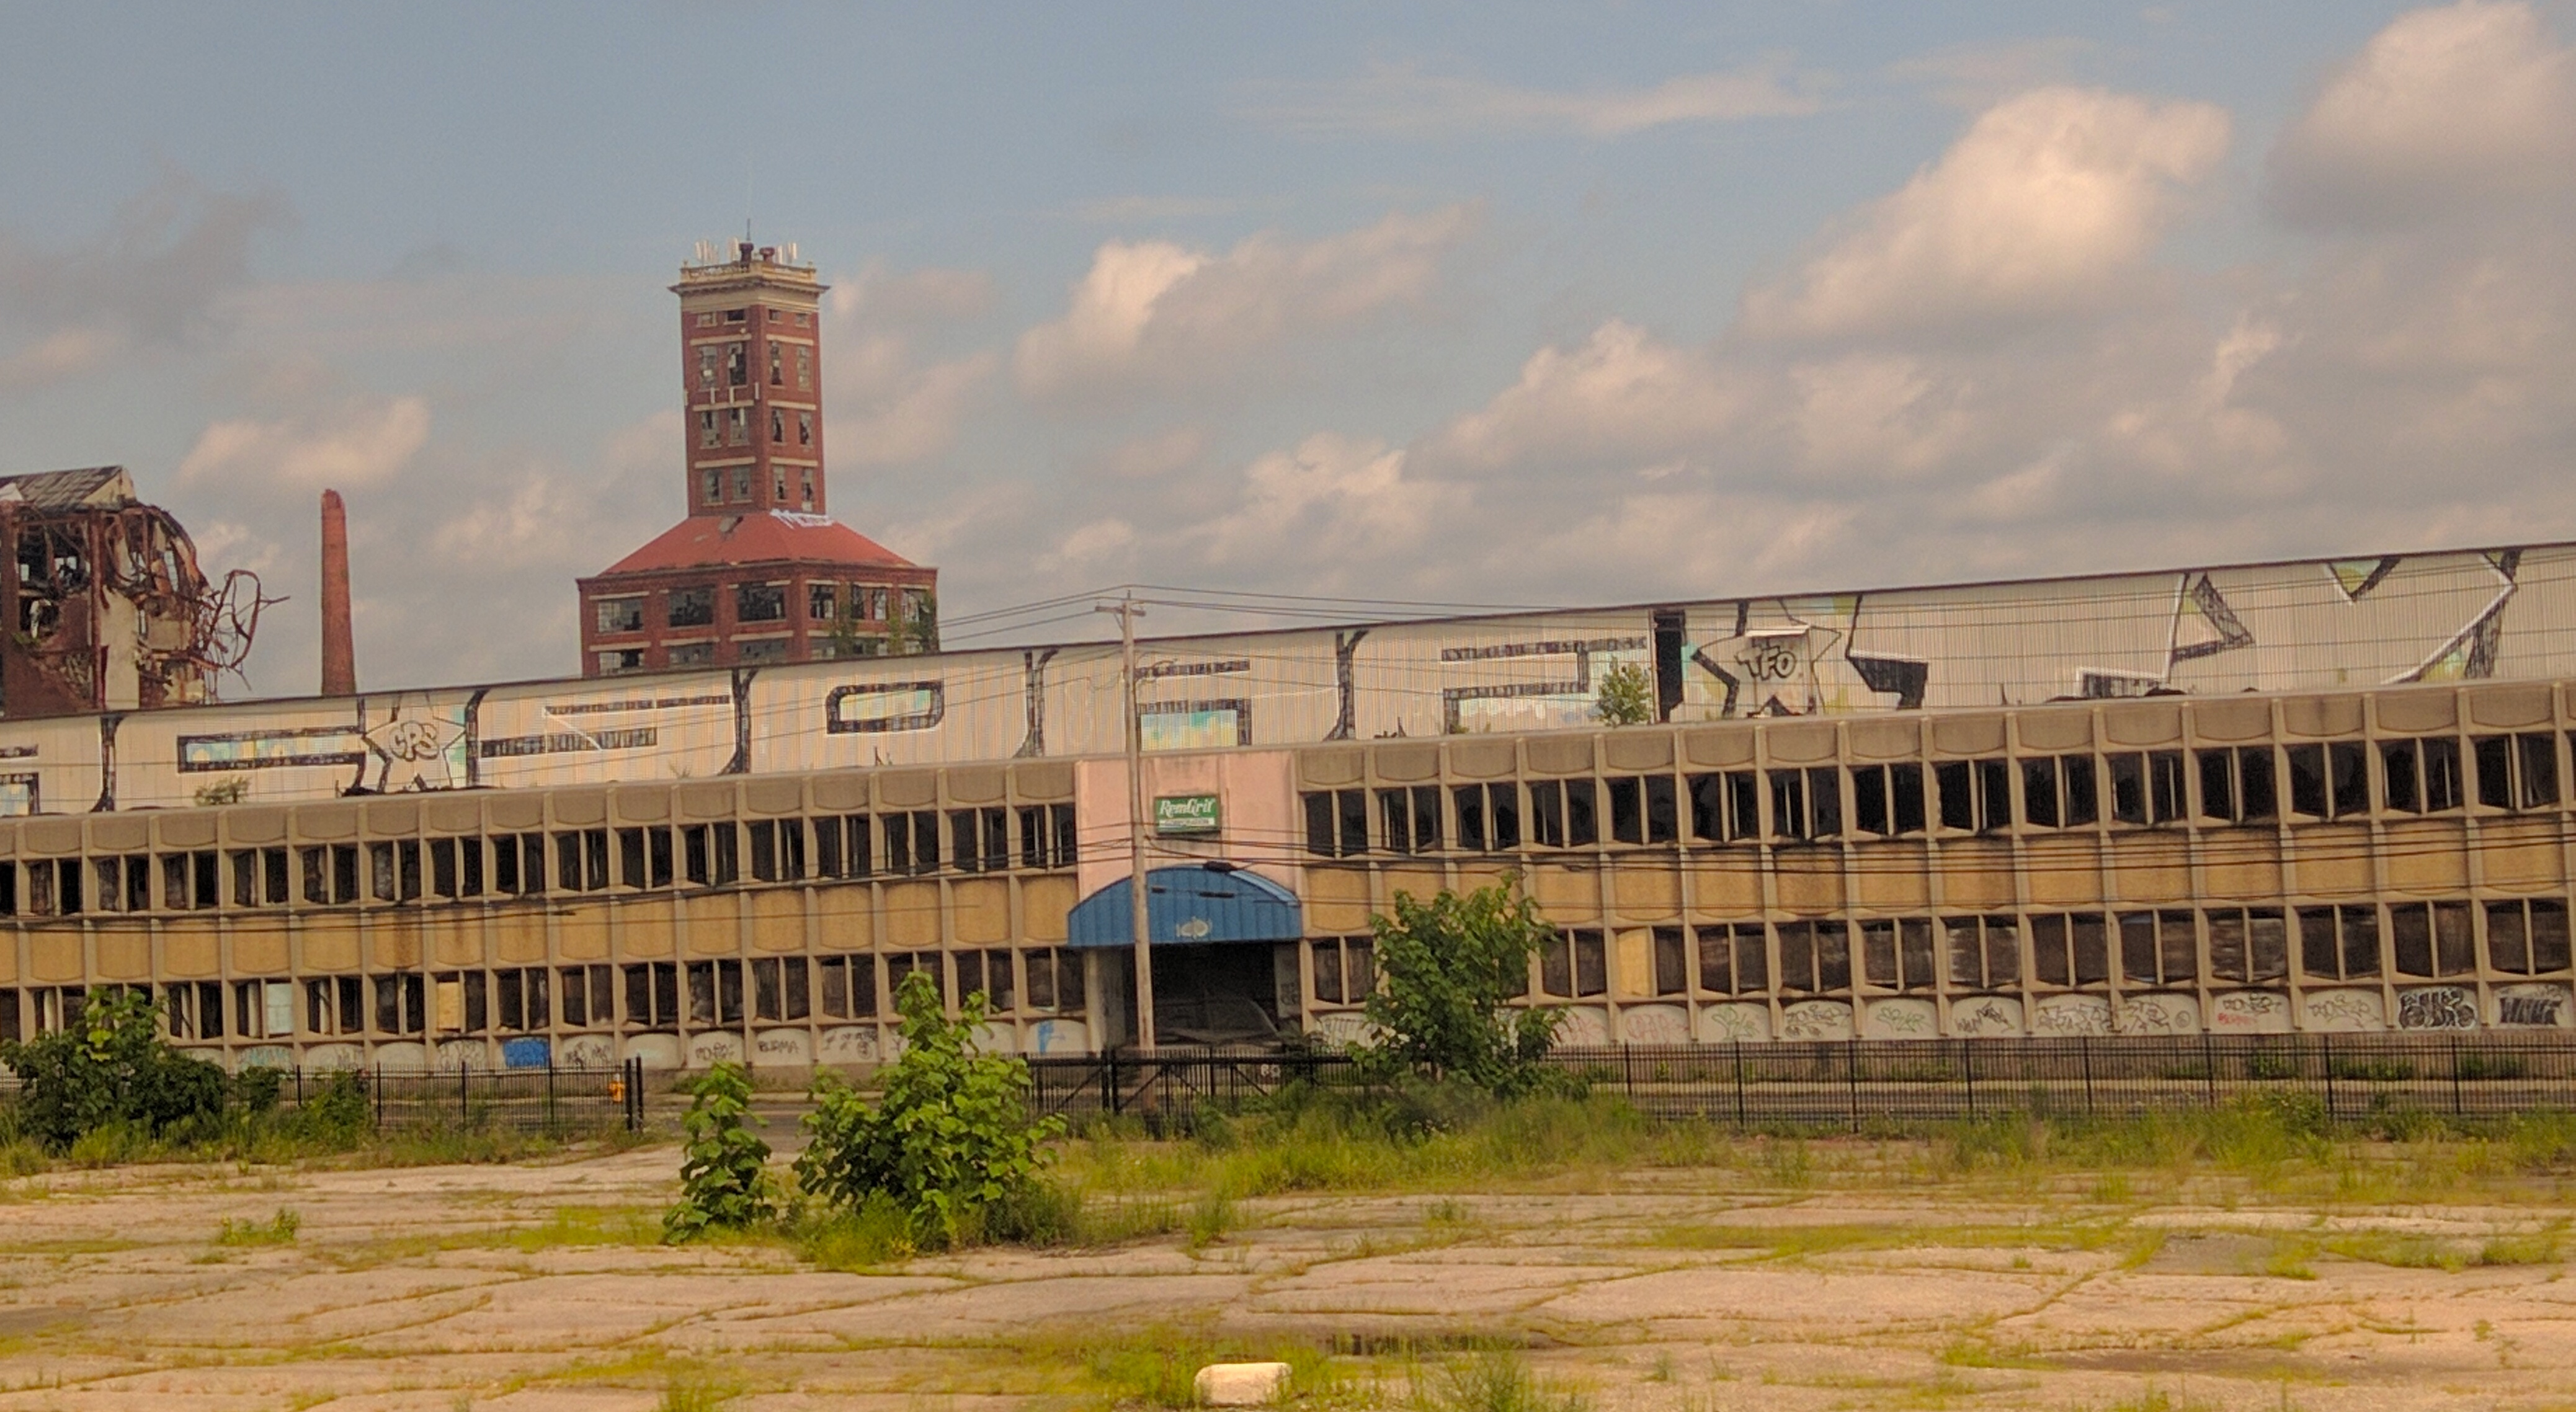 A derelict factory building in Bridgeport in August.